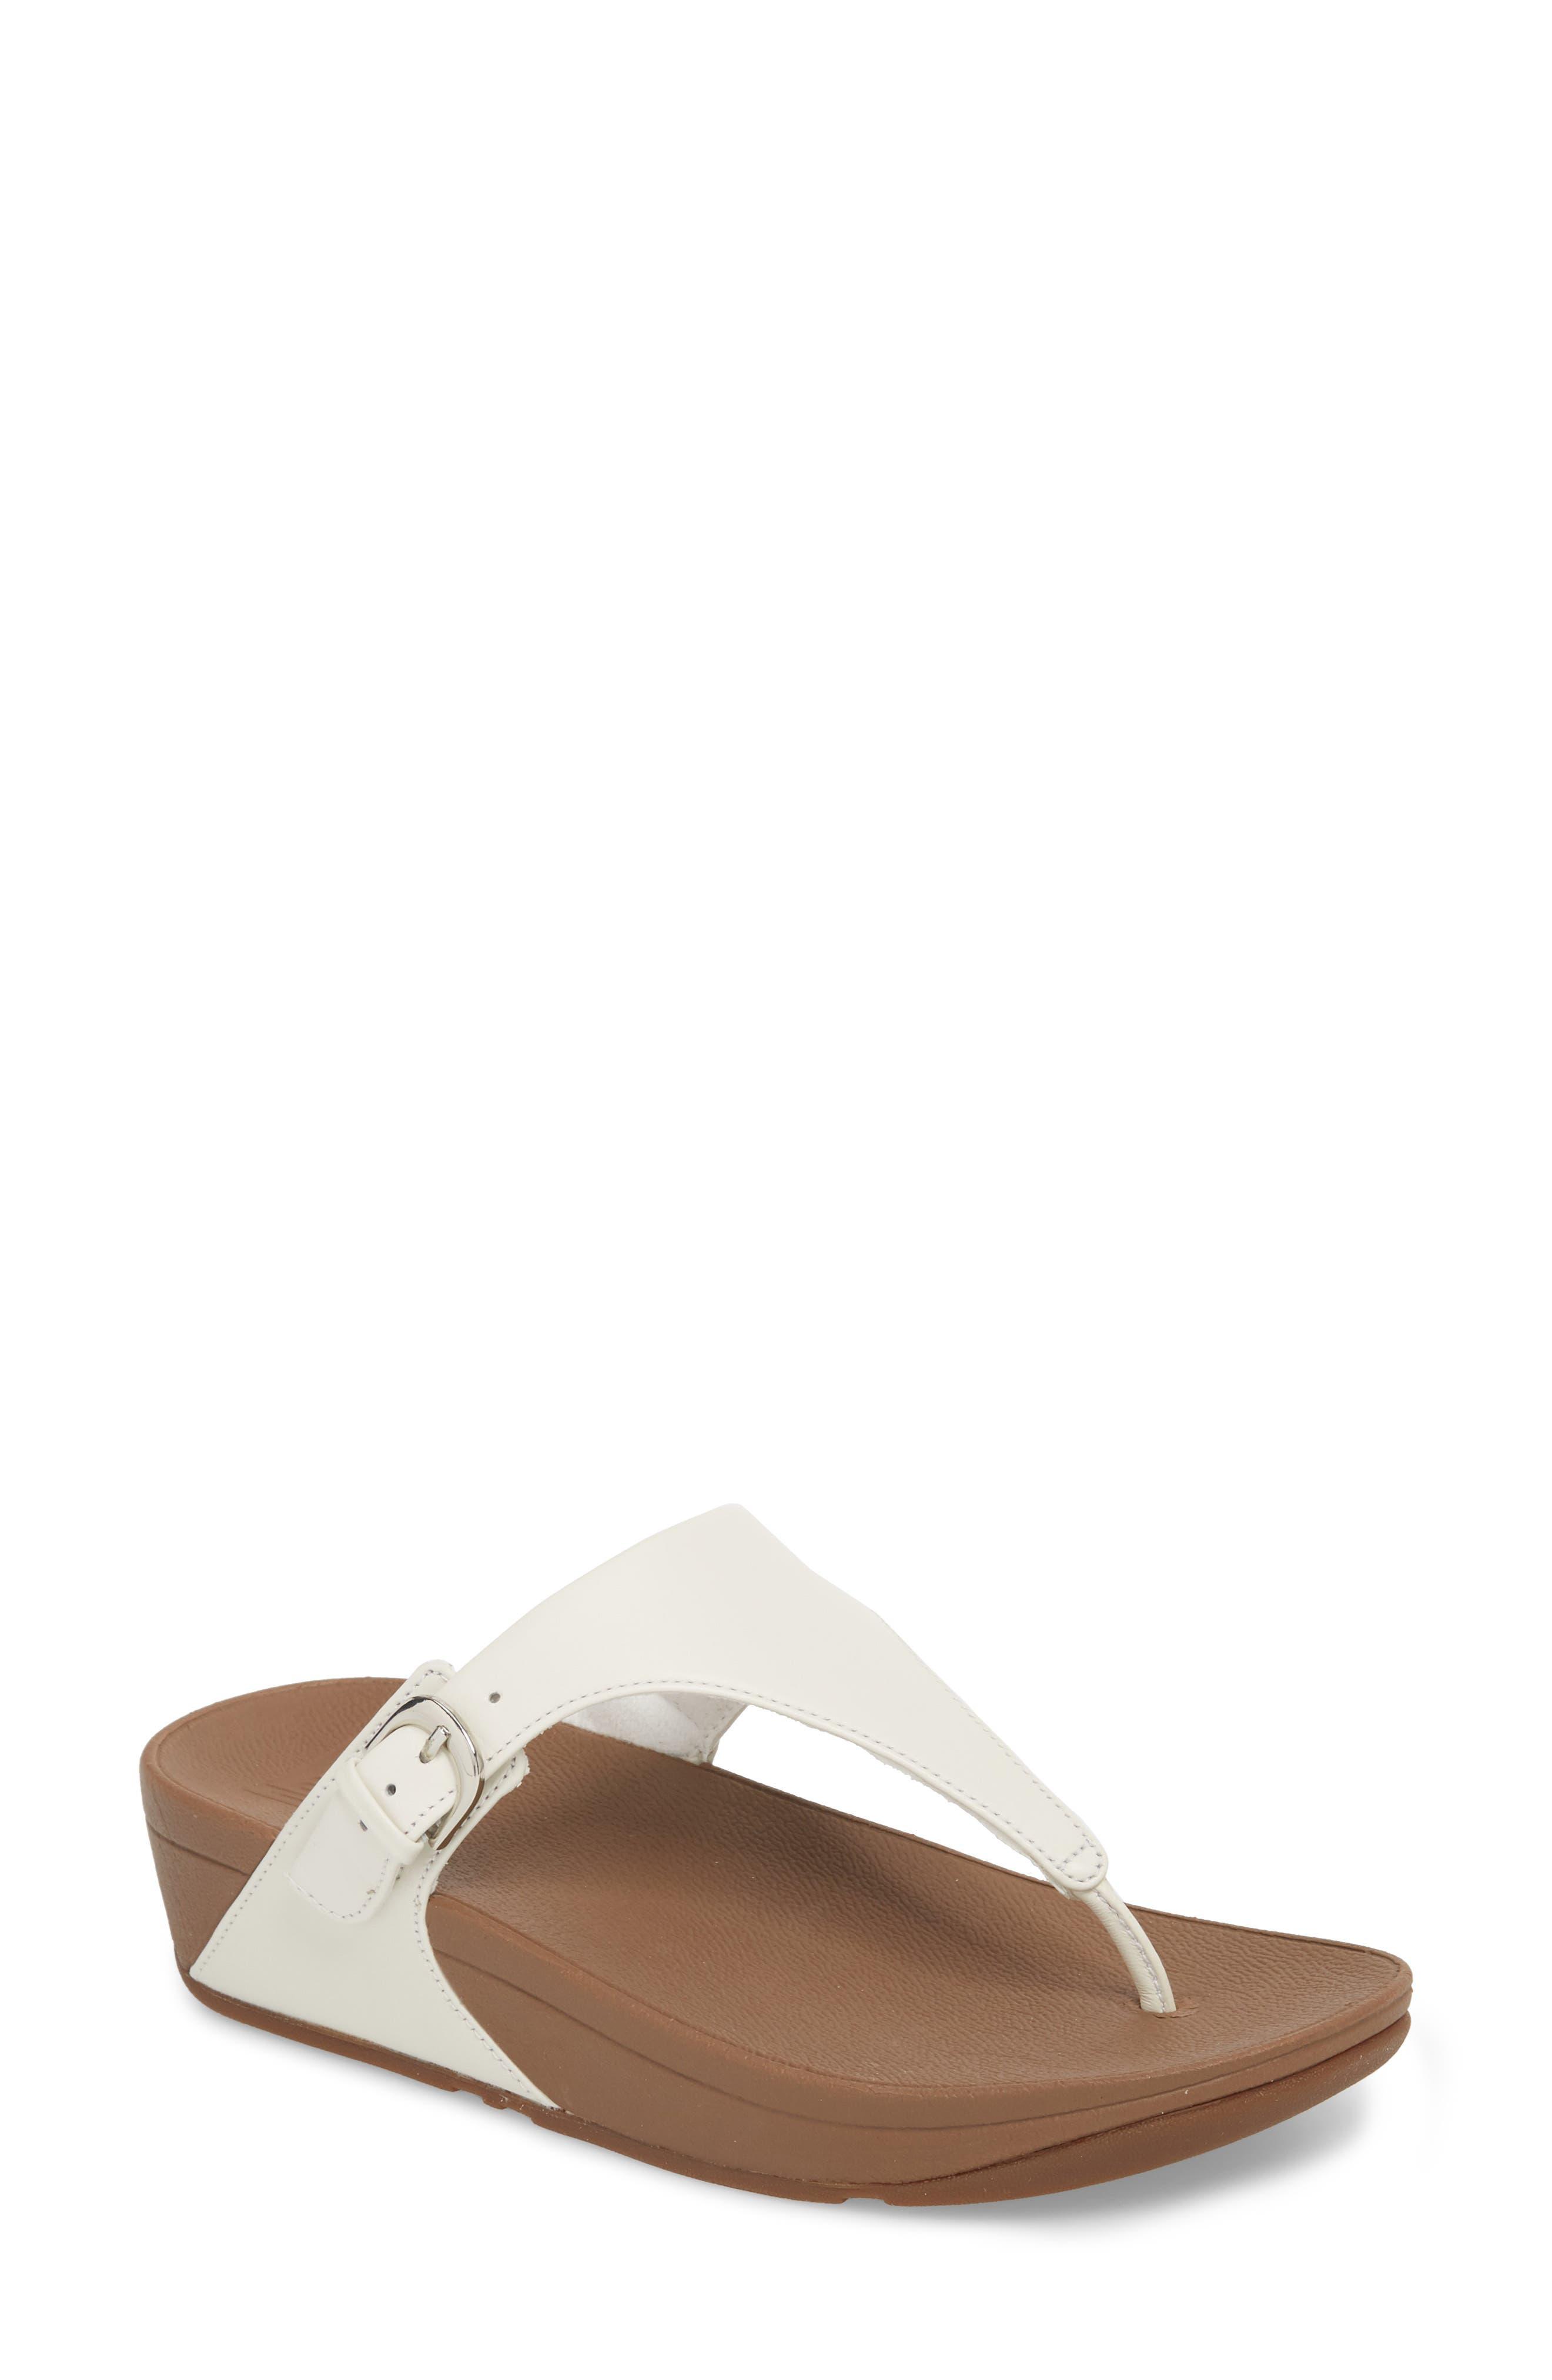 FitFlop Skinny Sandal (Women)